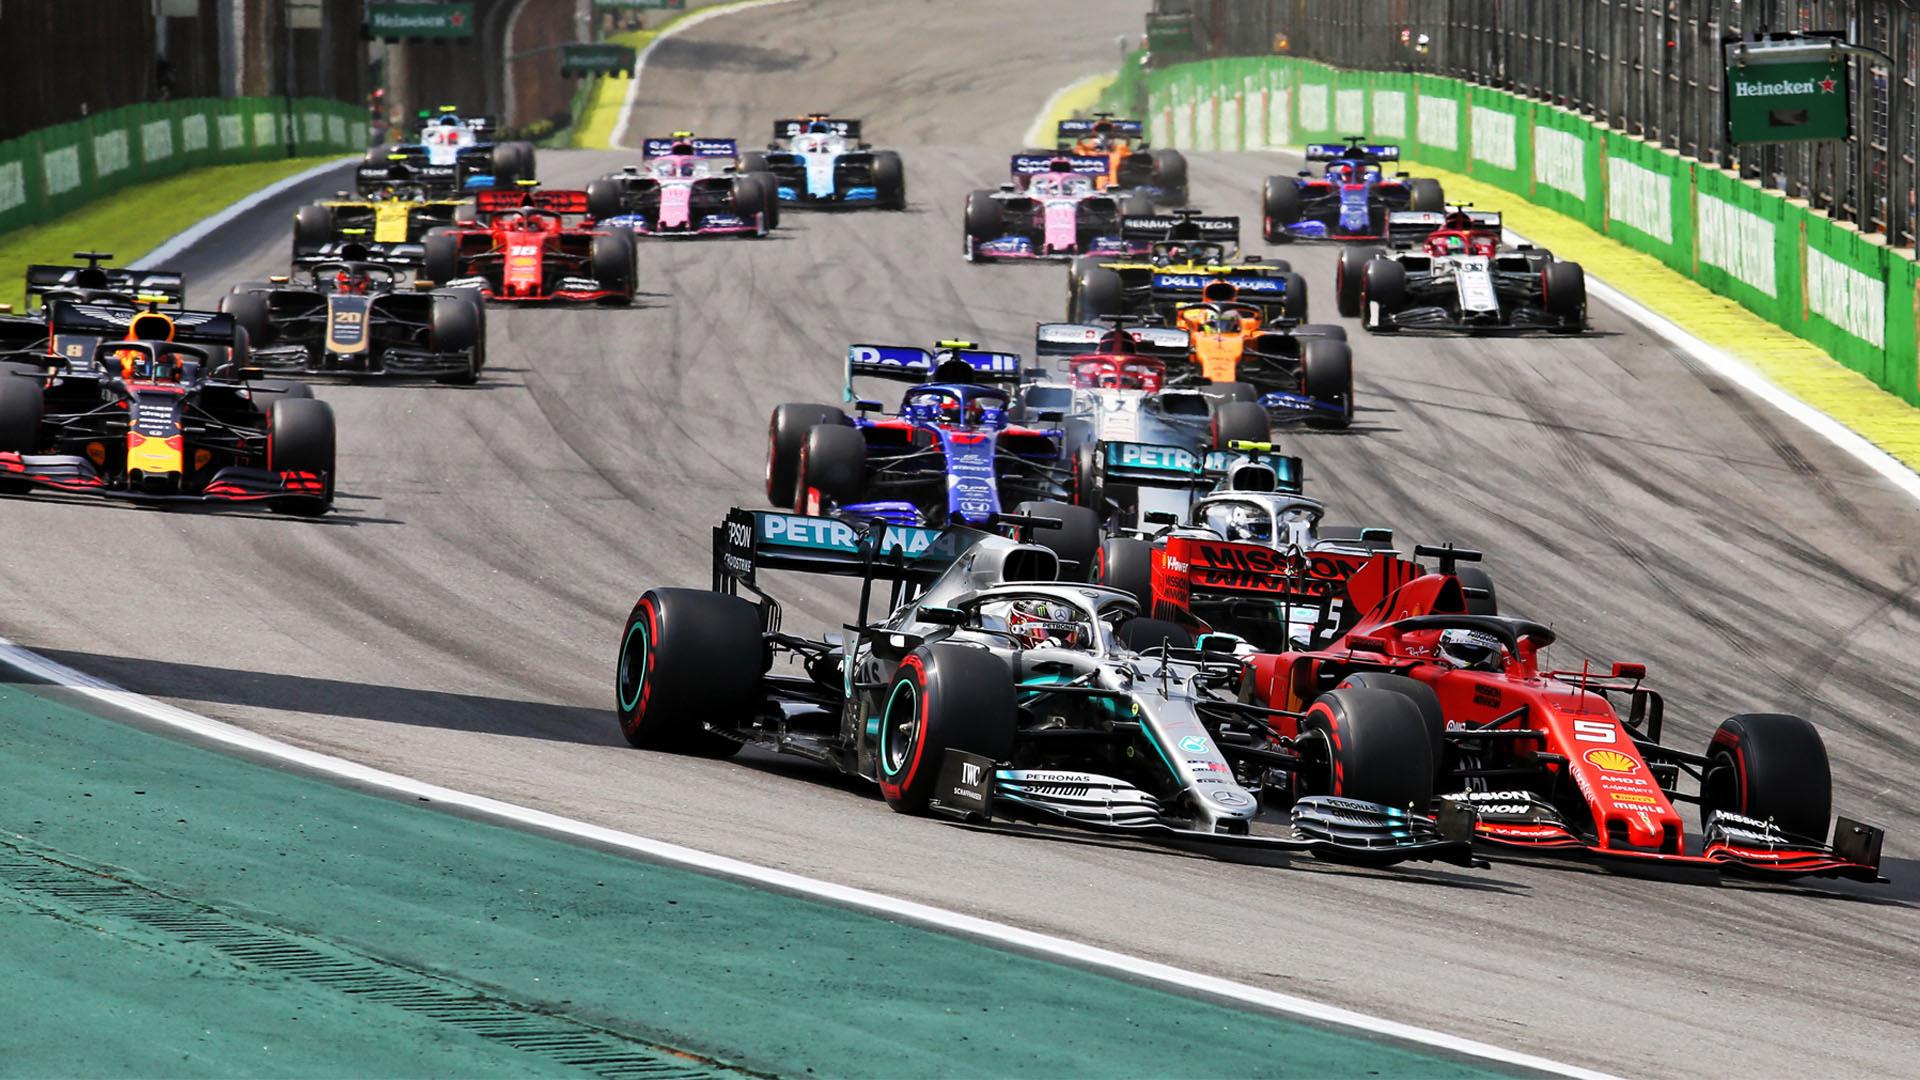 Formula 1 İspanya GP hangi gün, saat kaçta, hangi kanalda 2021? Formula 1 İspanya GPŞifreli mi, şifresiz mi ?